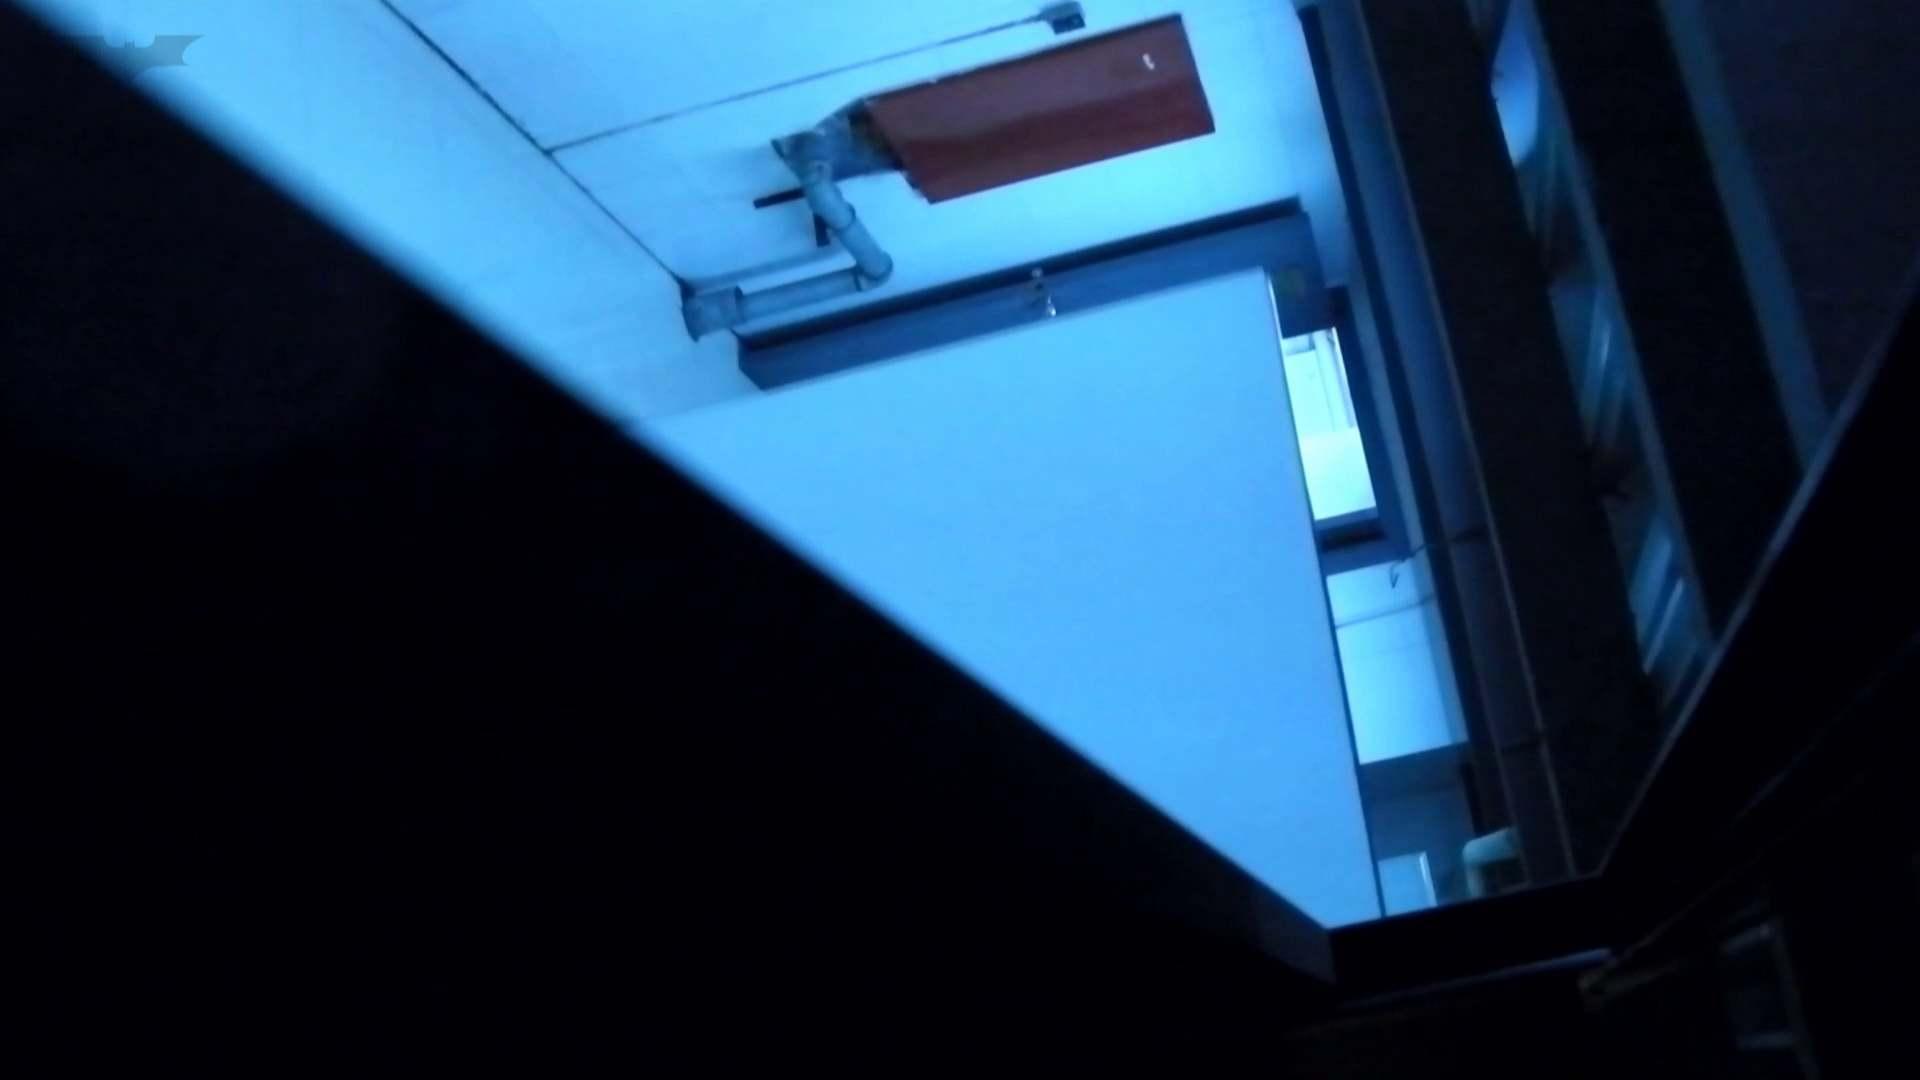 新世界の射窓 No72 モデル級なら個室から飛び出て追っかけます 洗面所   0  74連発 11